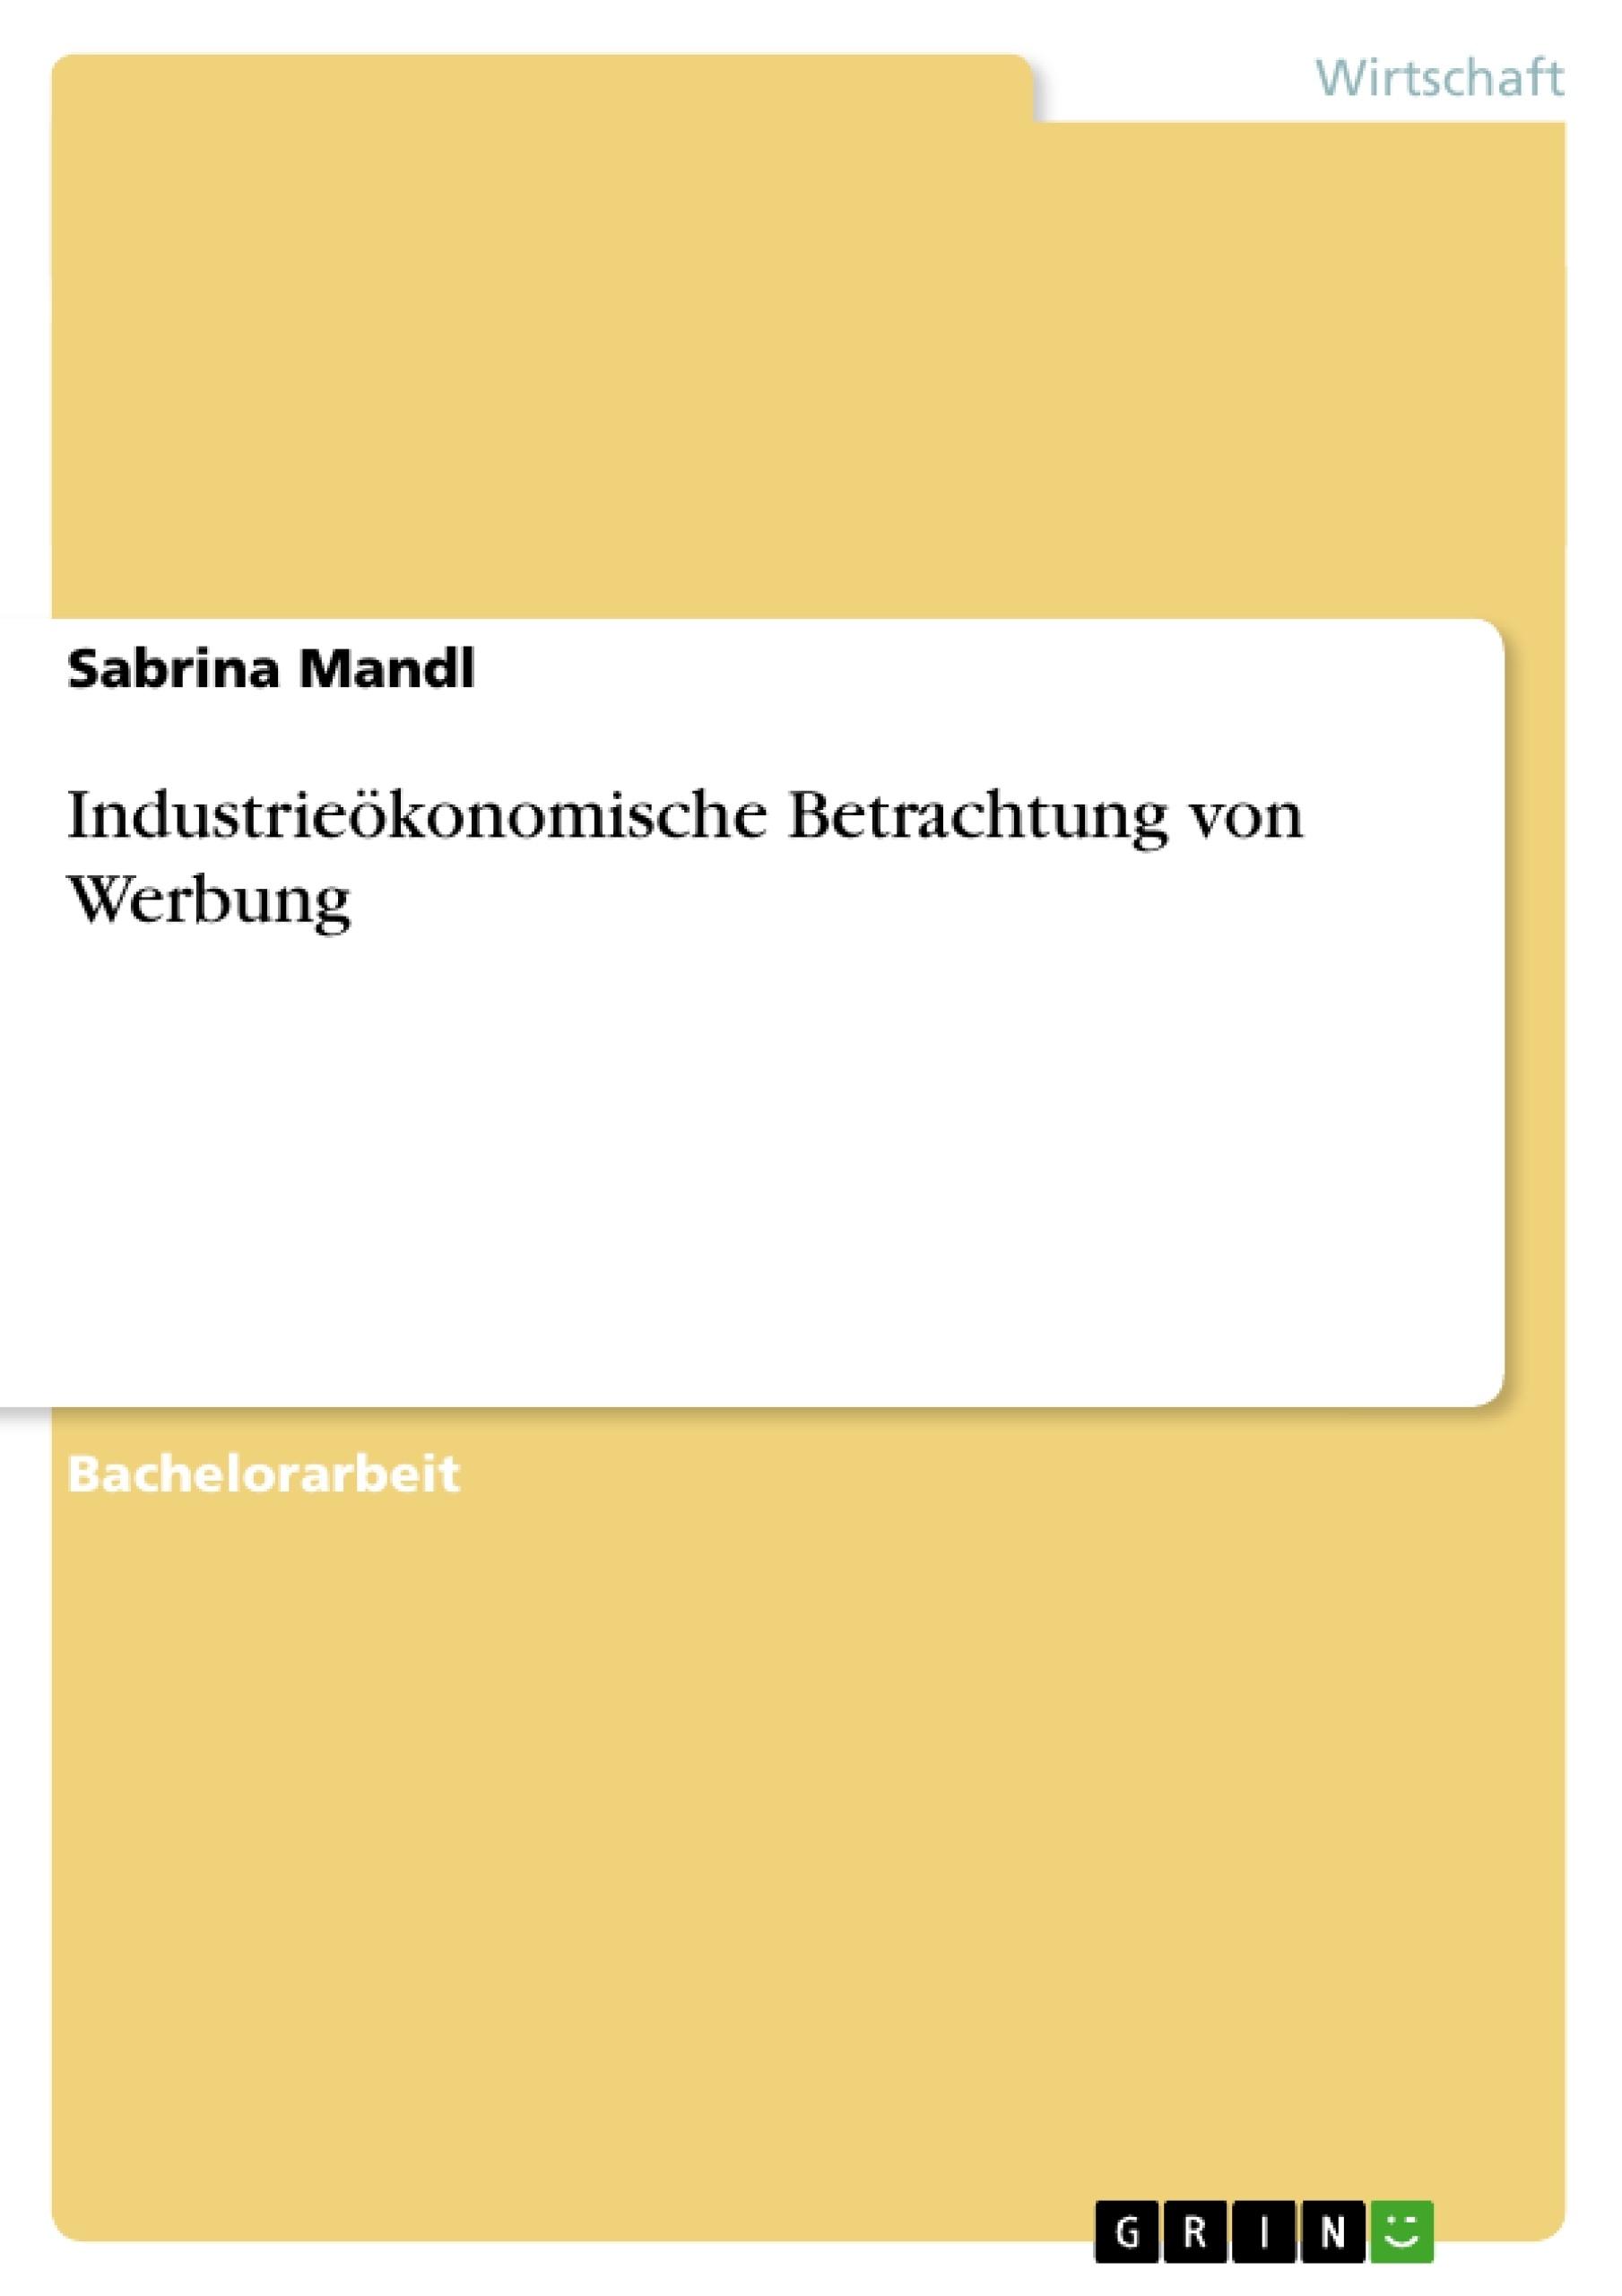 Titel: Industrieökonomische Betrachtung von Werbung